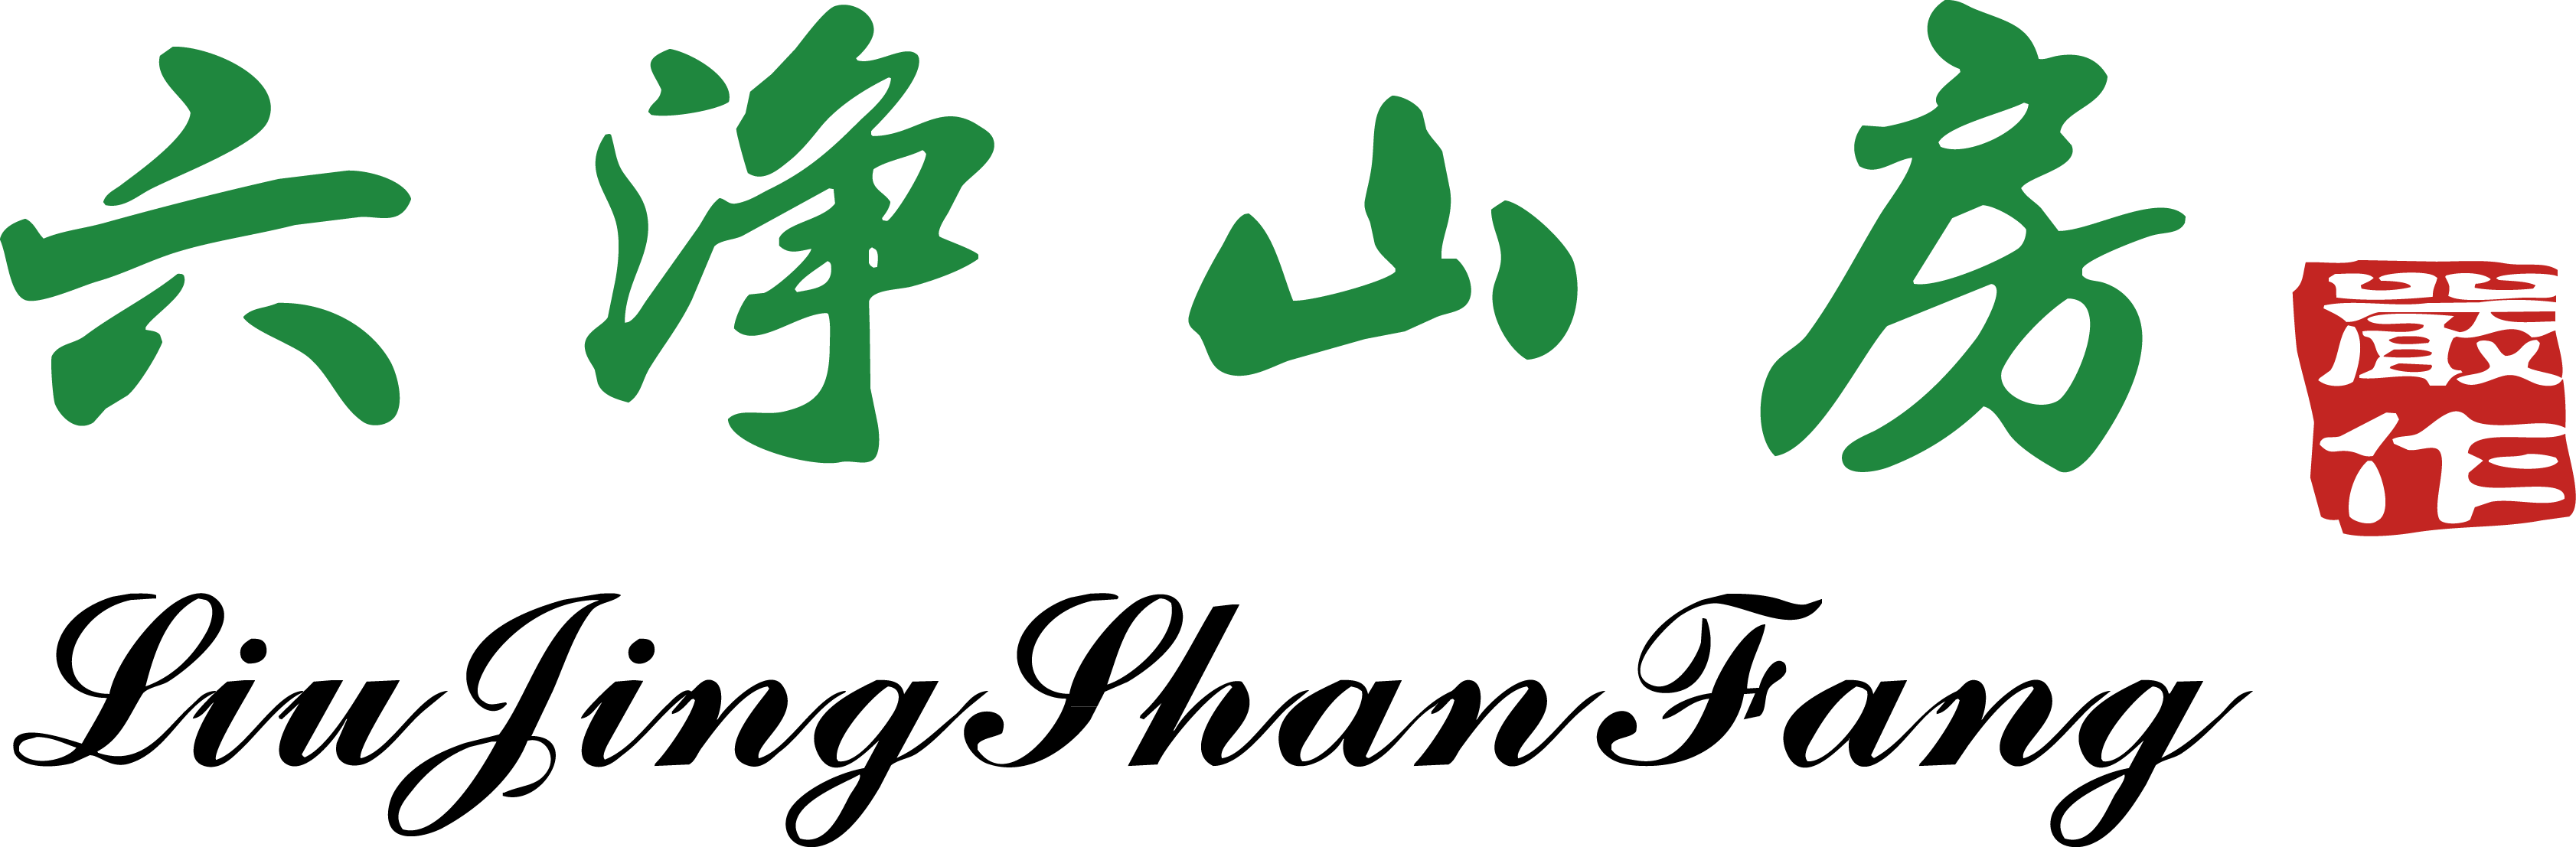 厦门市自然风格商贸有限公司